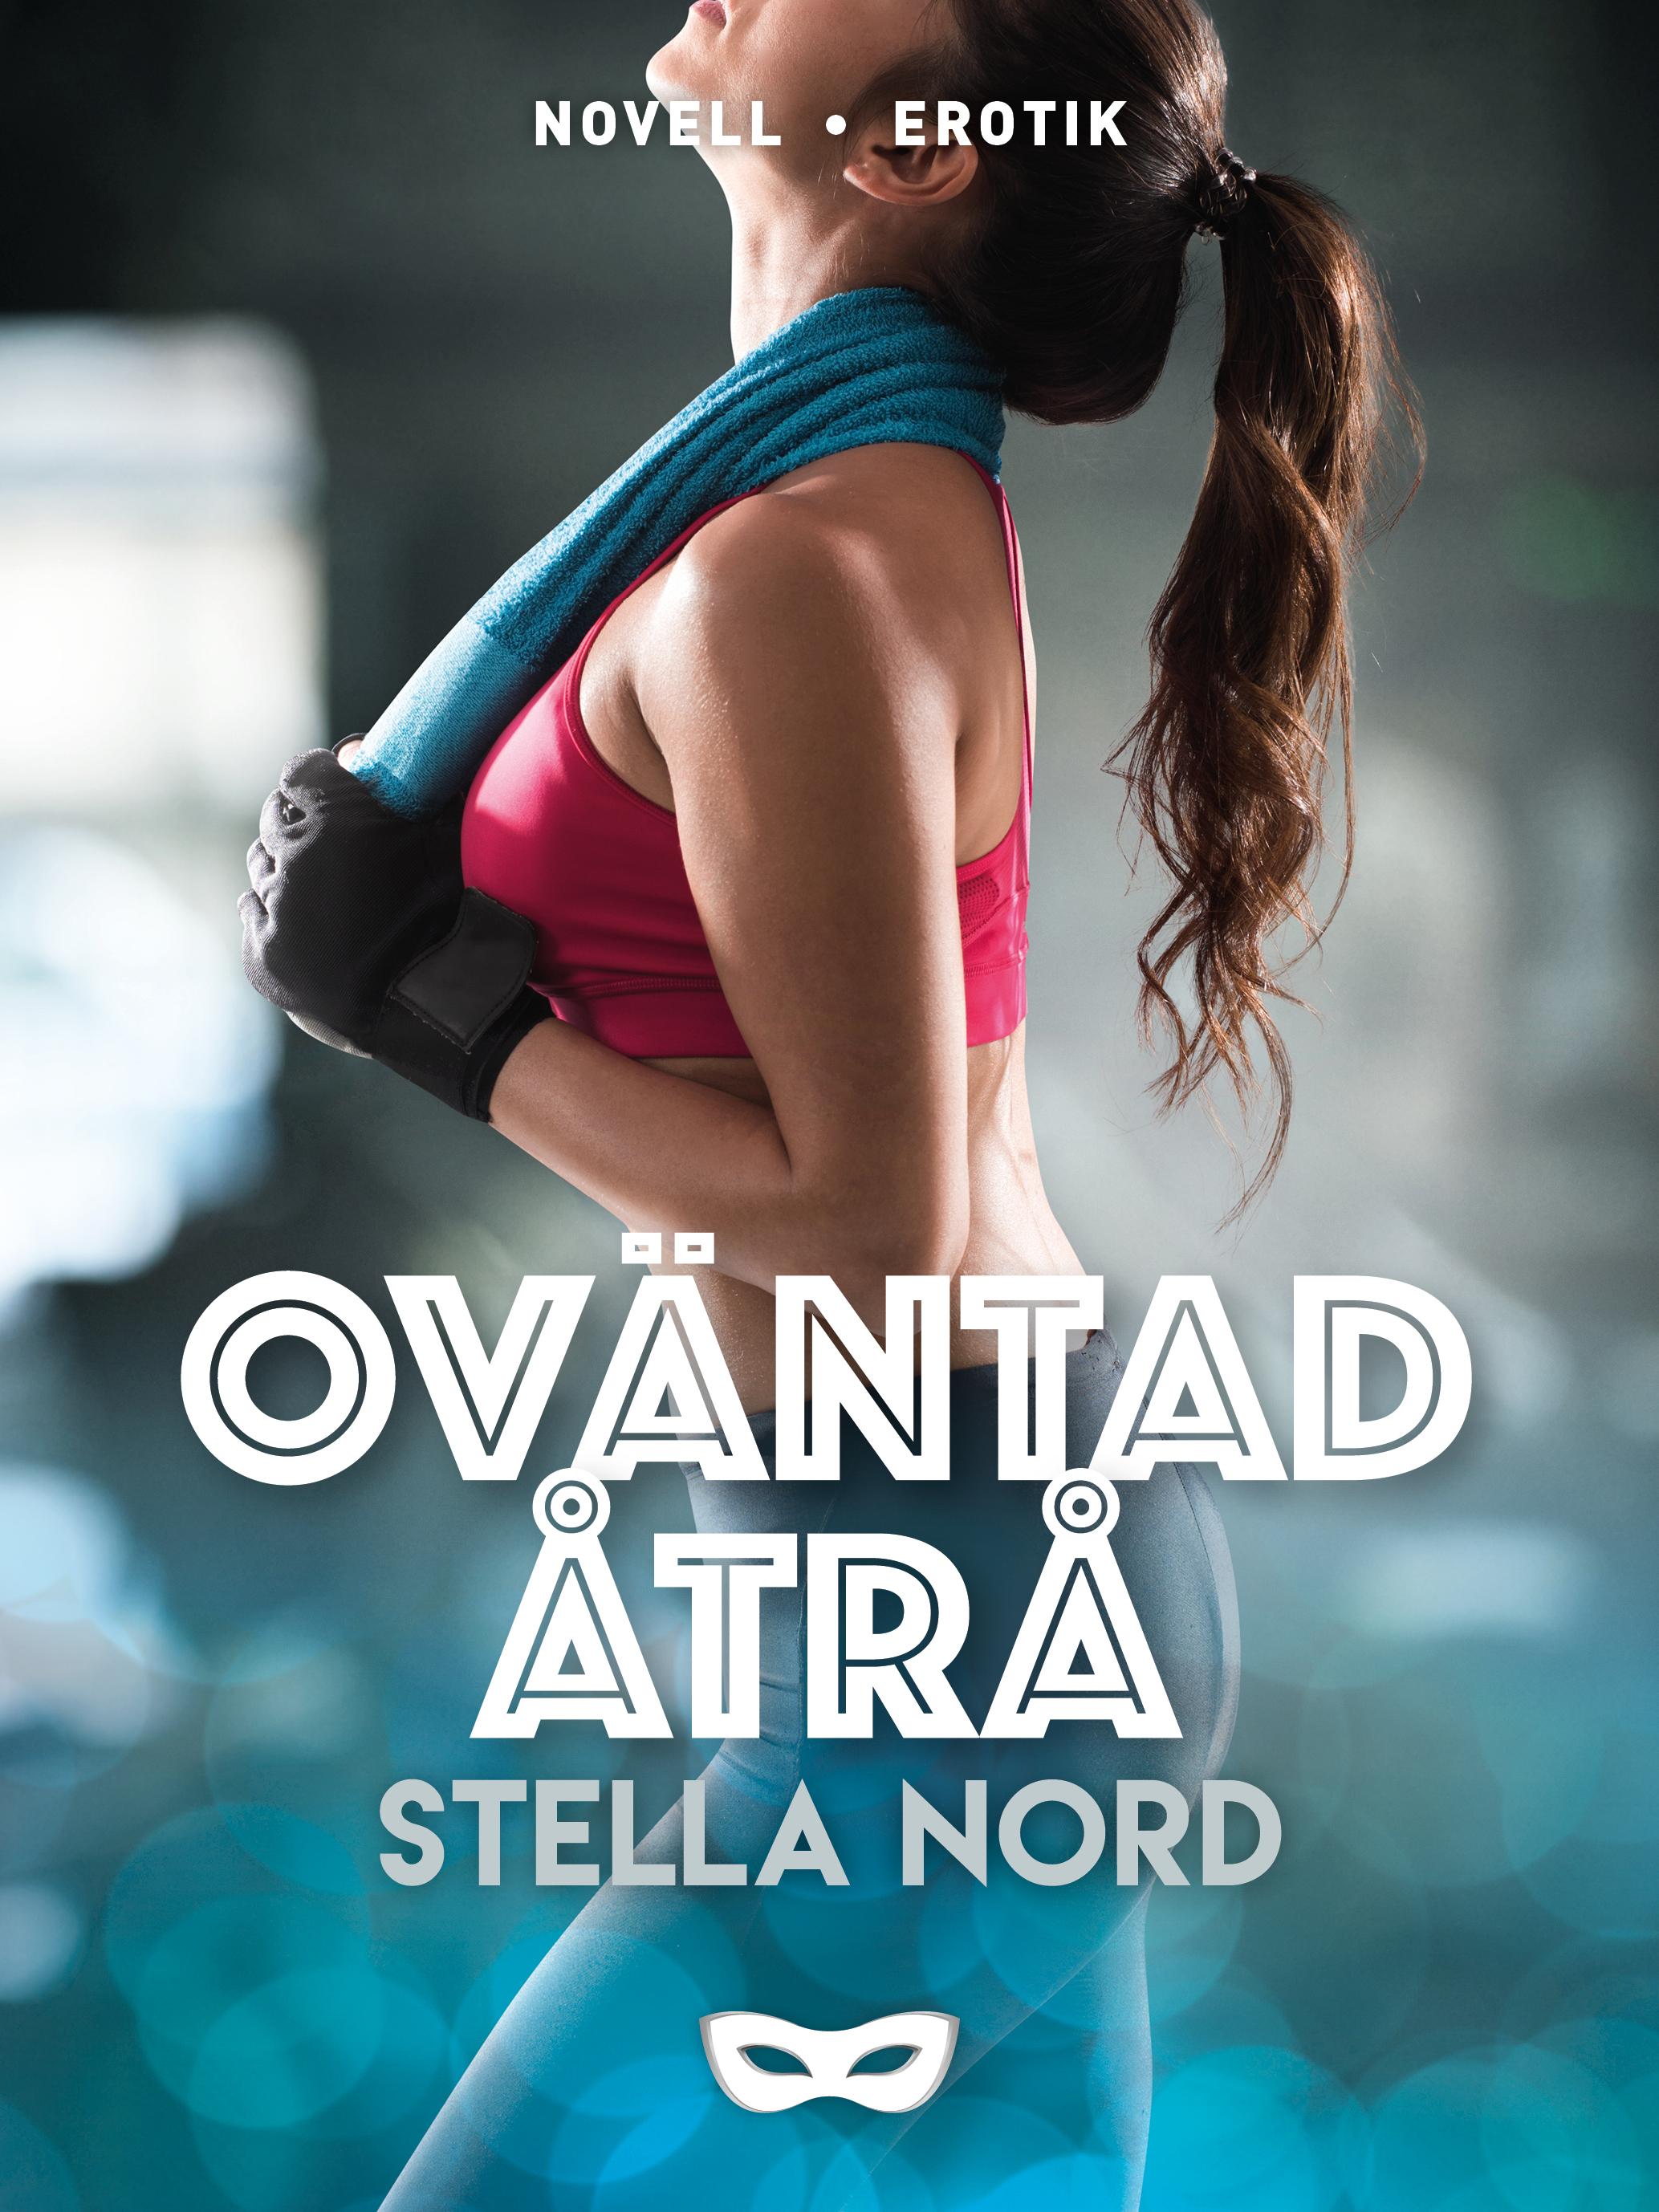 IMAGINA5_Ovantad atra_Stella Nord.jpg